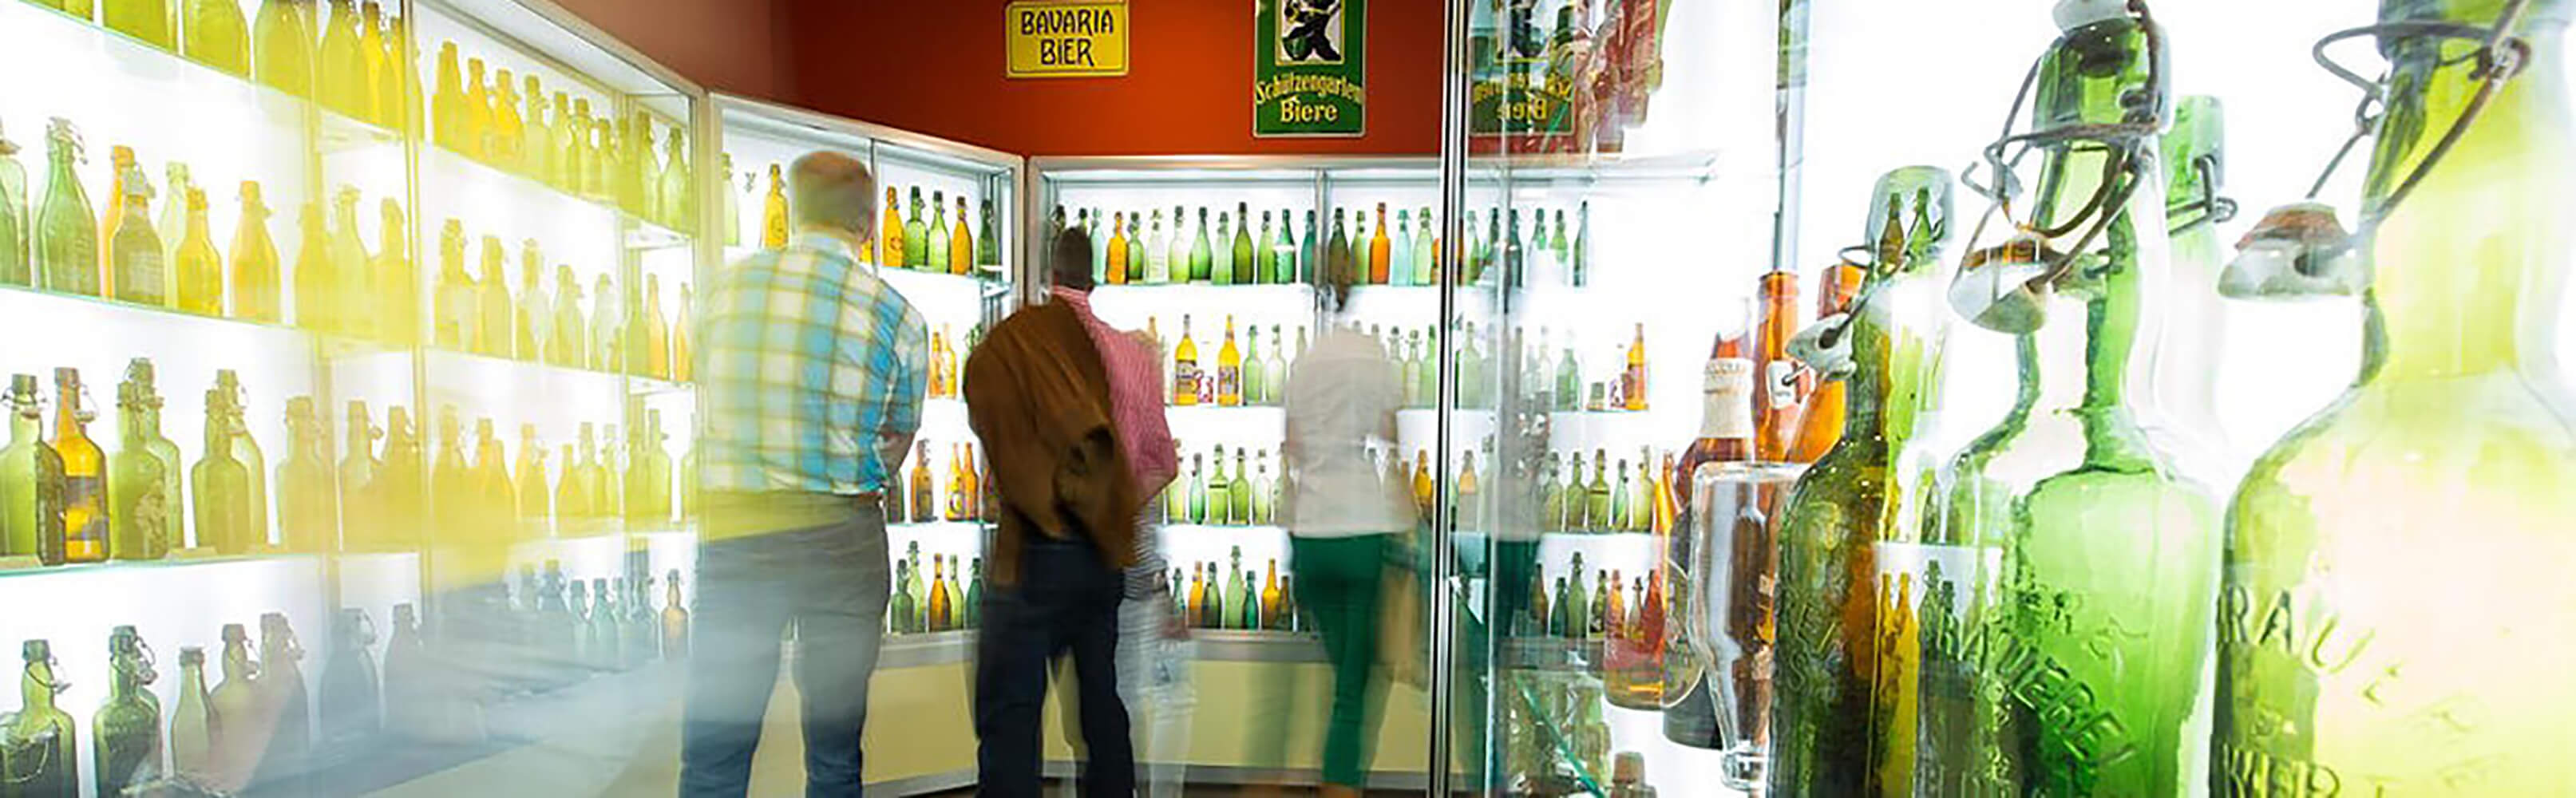 Bierflaschenmuseum St. Gallen 1